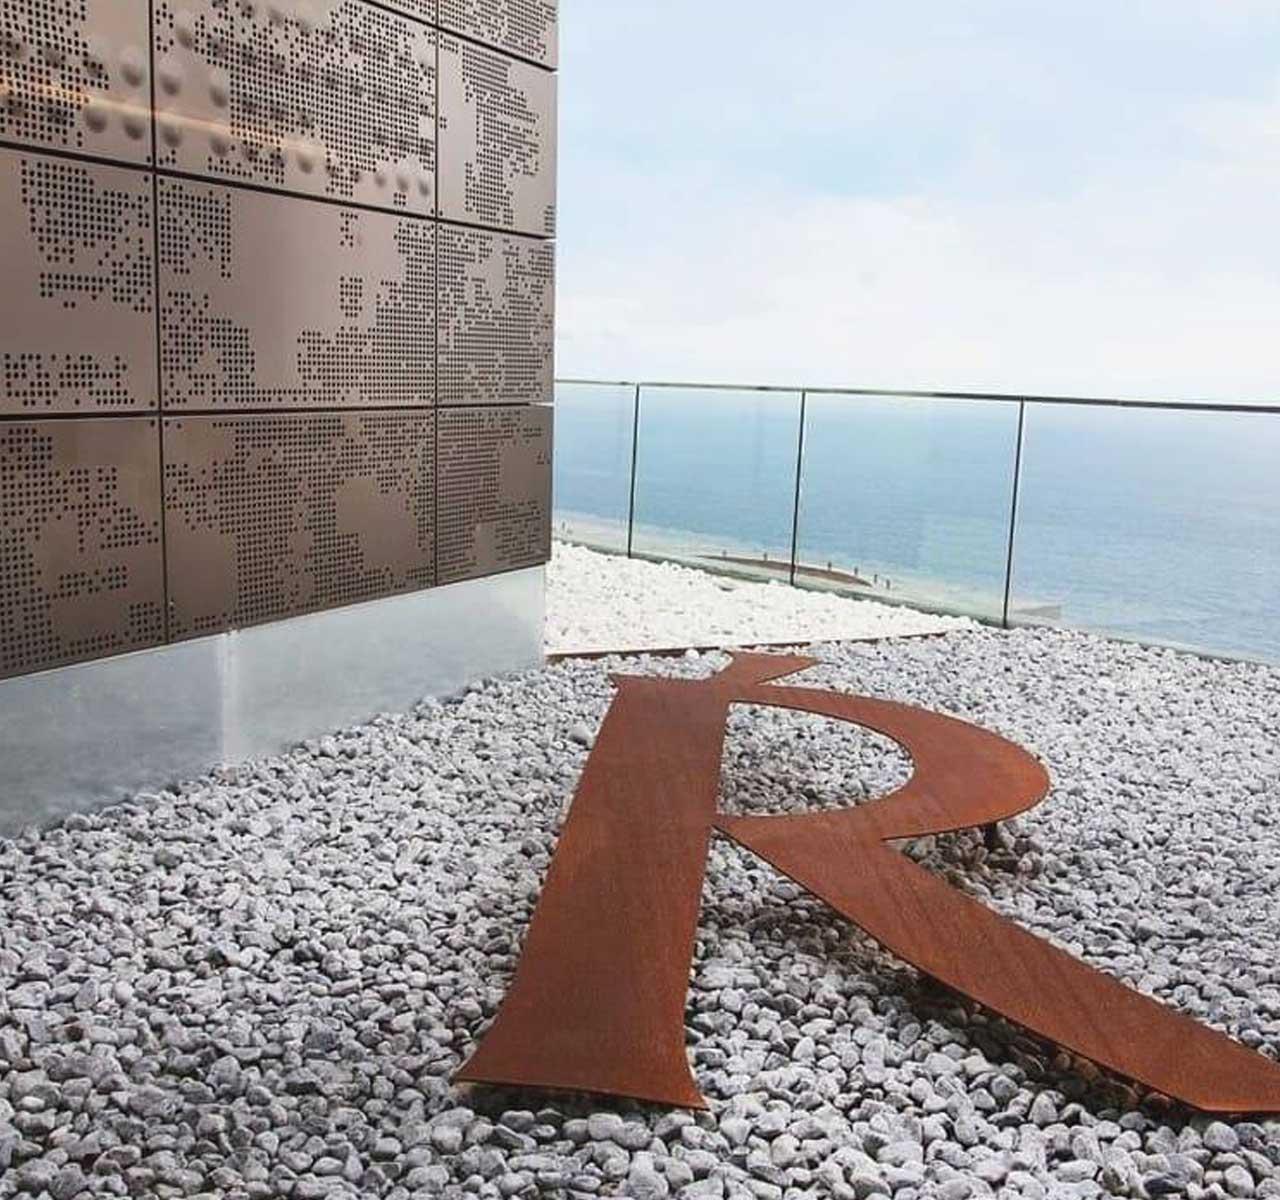 Escultura de la terraza del hotel Akelarre. Una R mayúscula de cobre tumbada sobre pavimento empedrado.